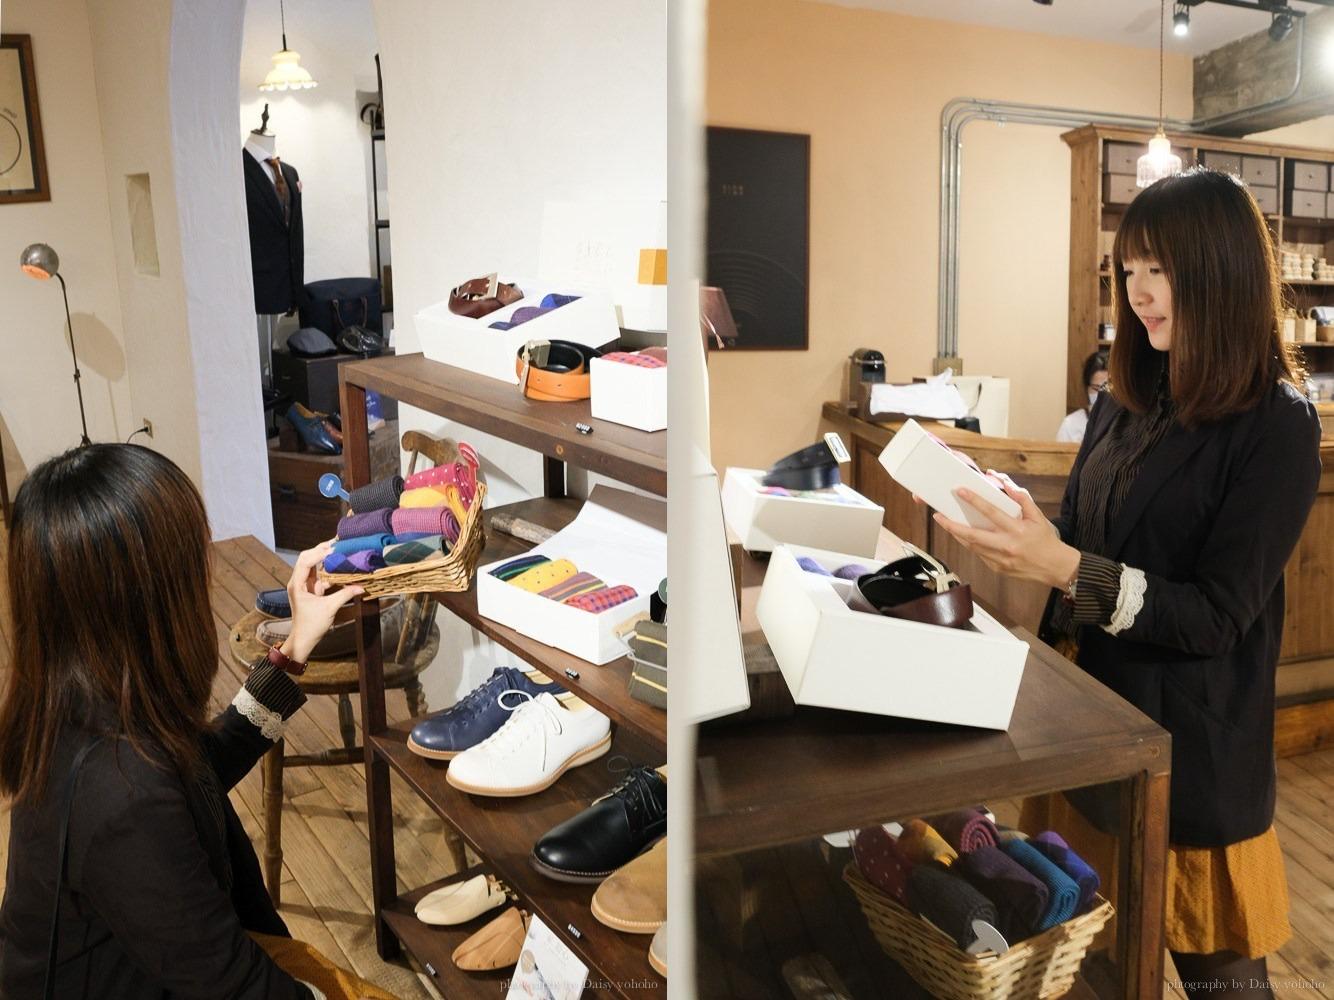 林果良品Oringo, 皮鞋穿搭, 男友生日禮物, 男生聖誕禮物, 女生皮鞋推薦, Oringoshoes, 林果良品東門店